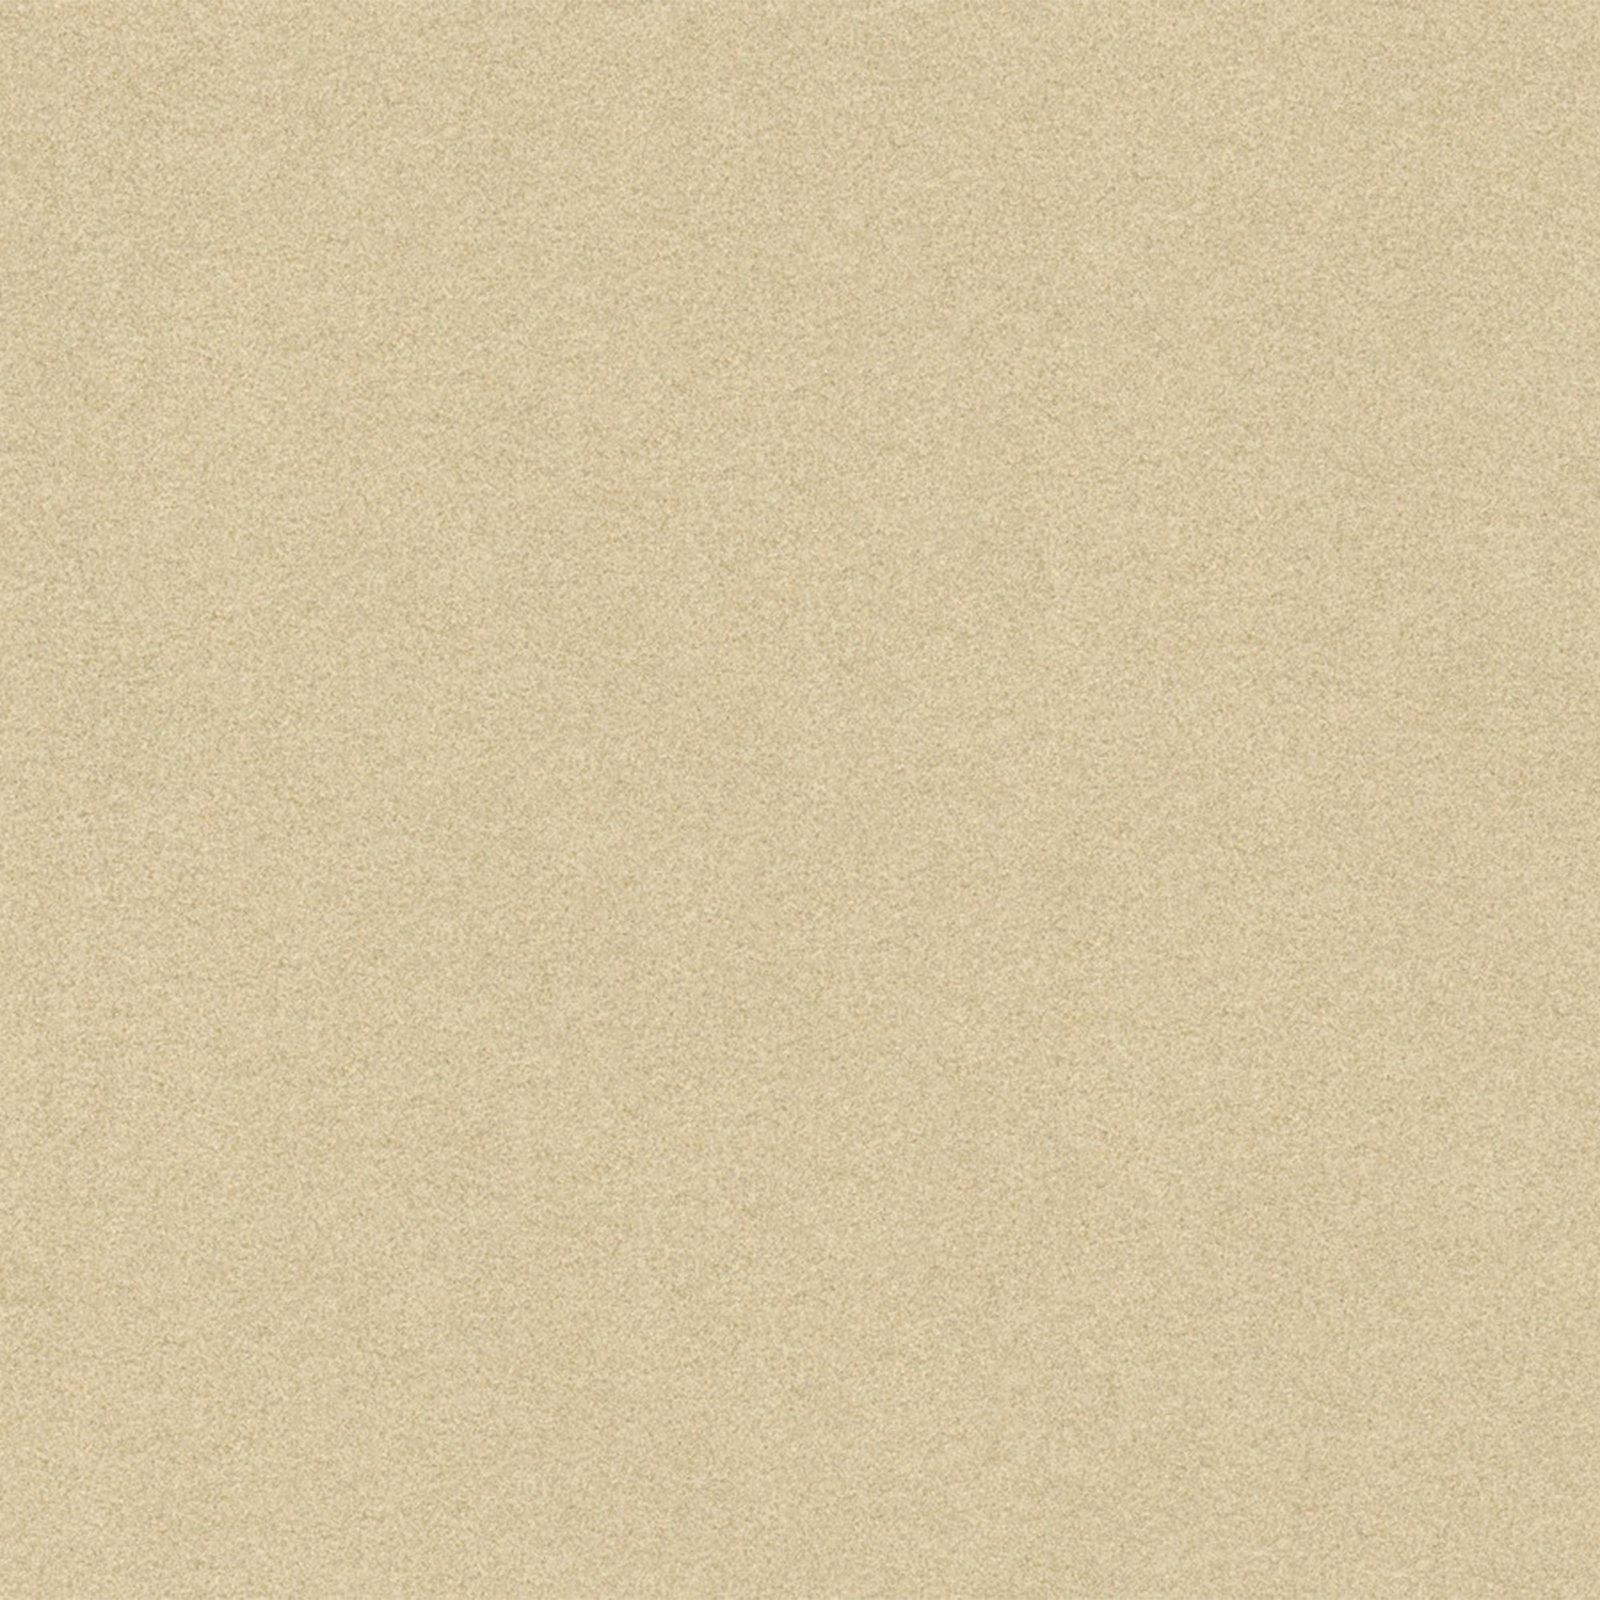 Vinyltapete KINGSTON - beige metallic - 10 Meter